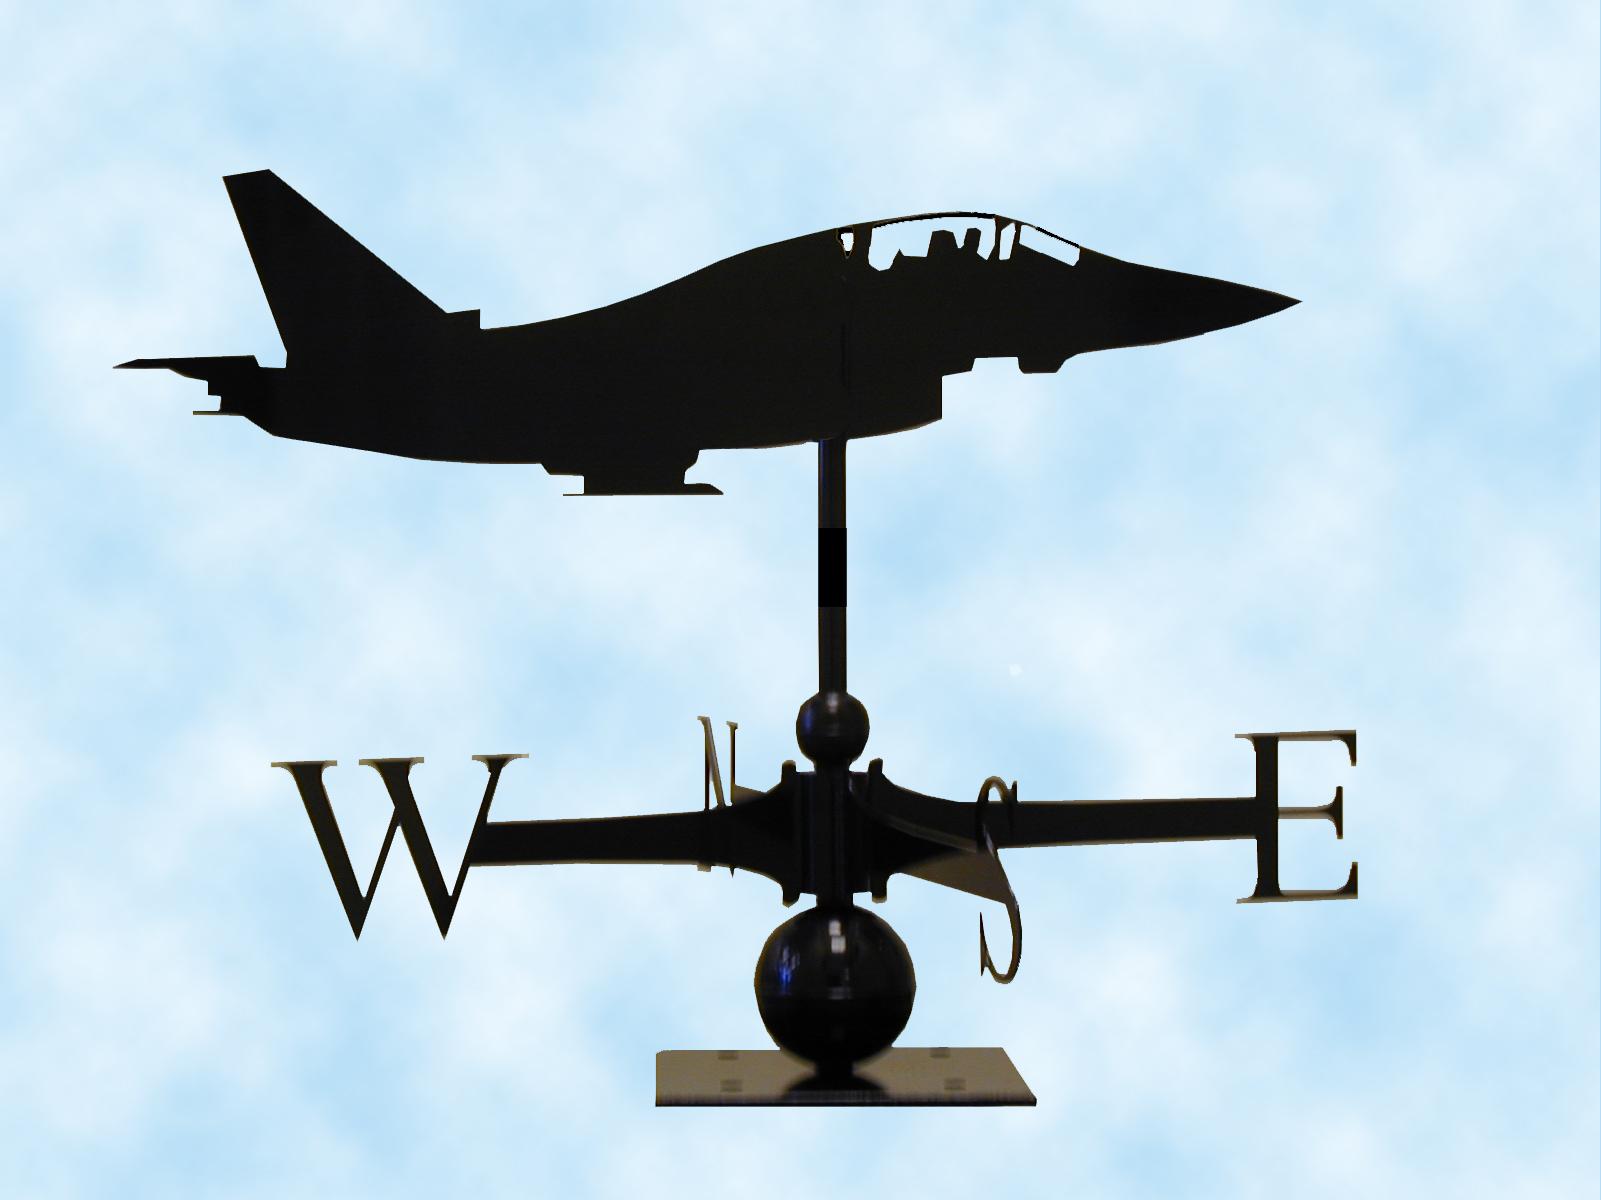 Weathervane - Eurofighter typhoon